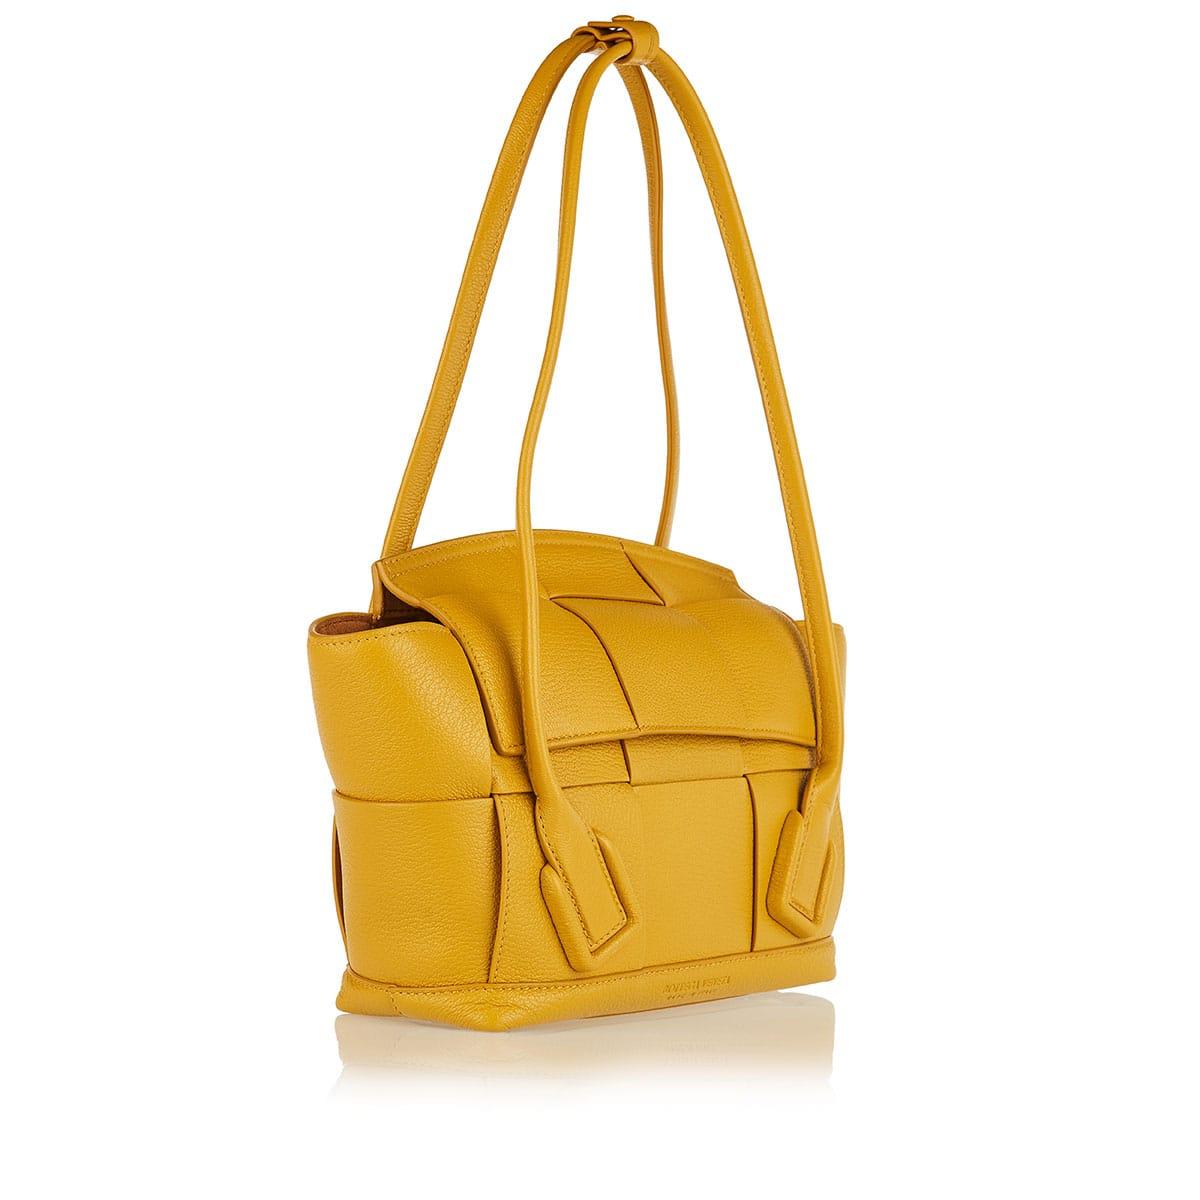 Arco mini leather bag